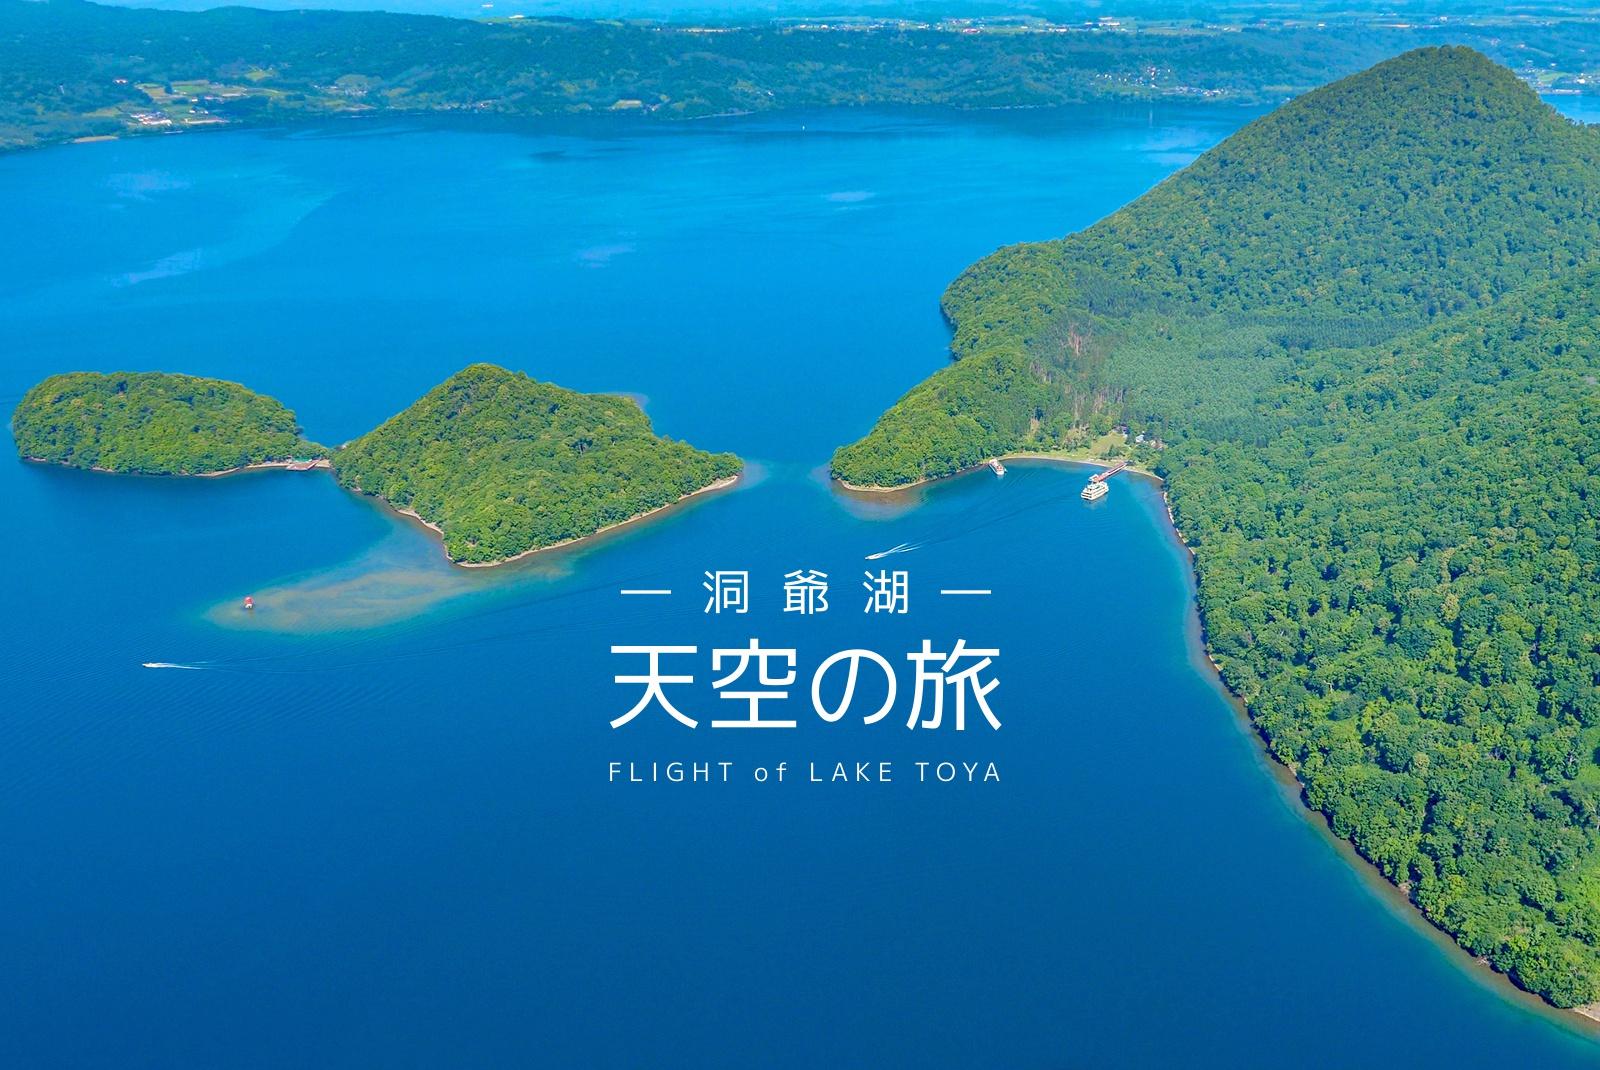 洞爺湖上空を飛ぶ!サイロ展望台発着「天空の旅」で優雅なひと時を。